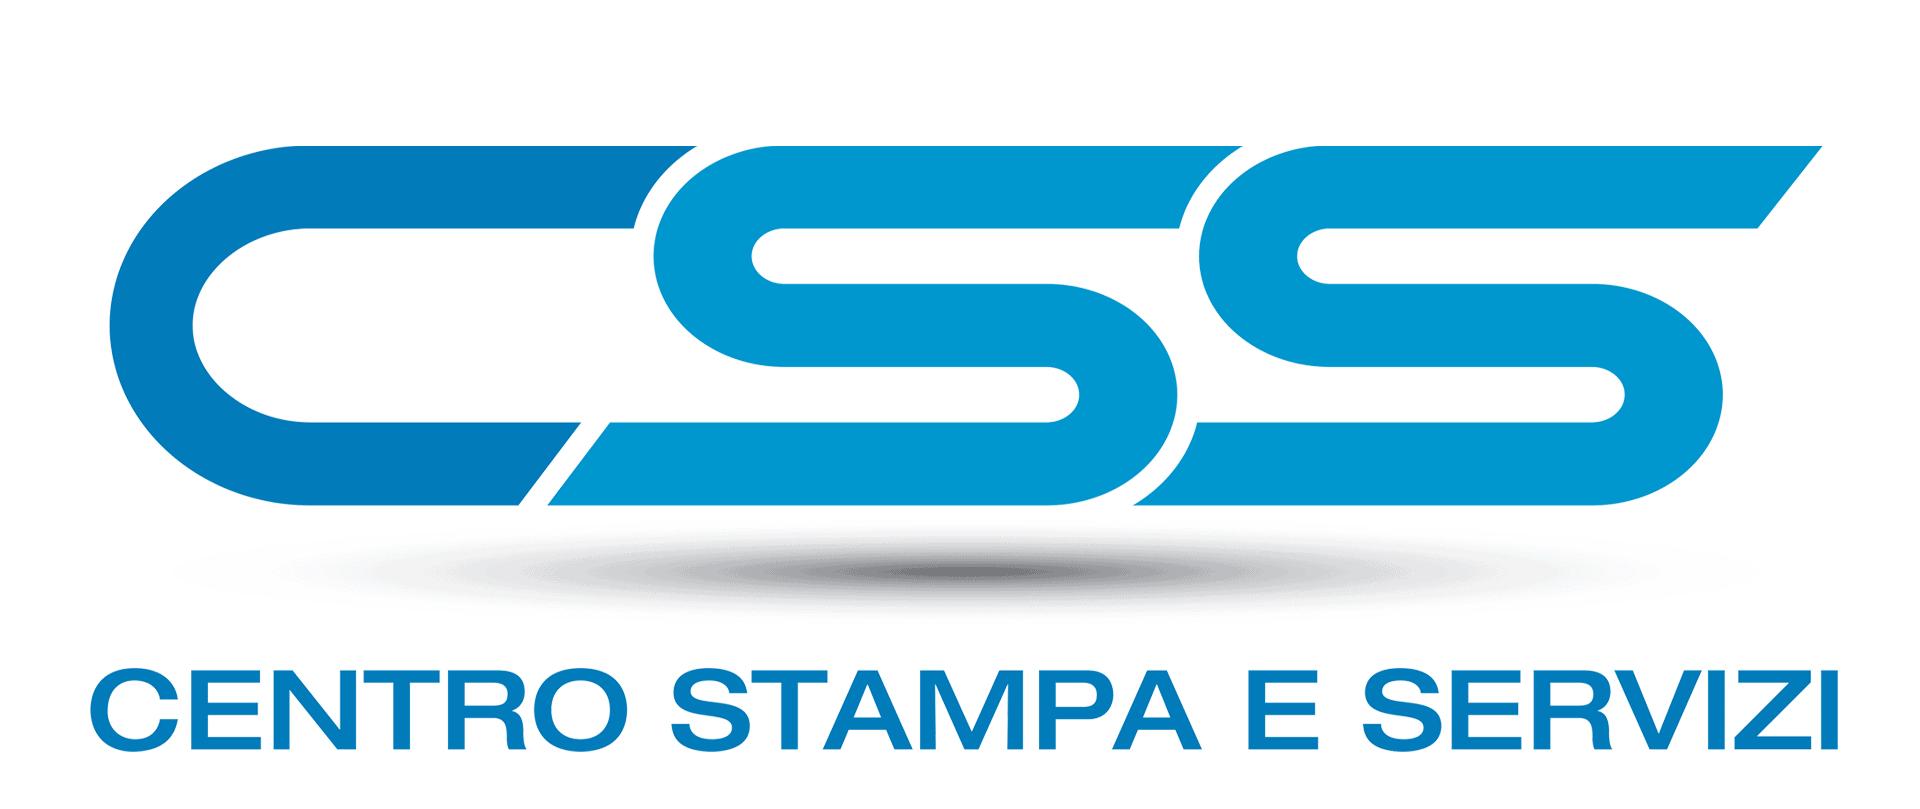 Centro Stampa e Servizi - Buenos Aires